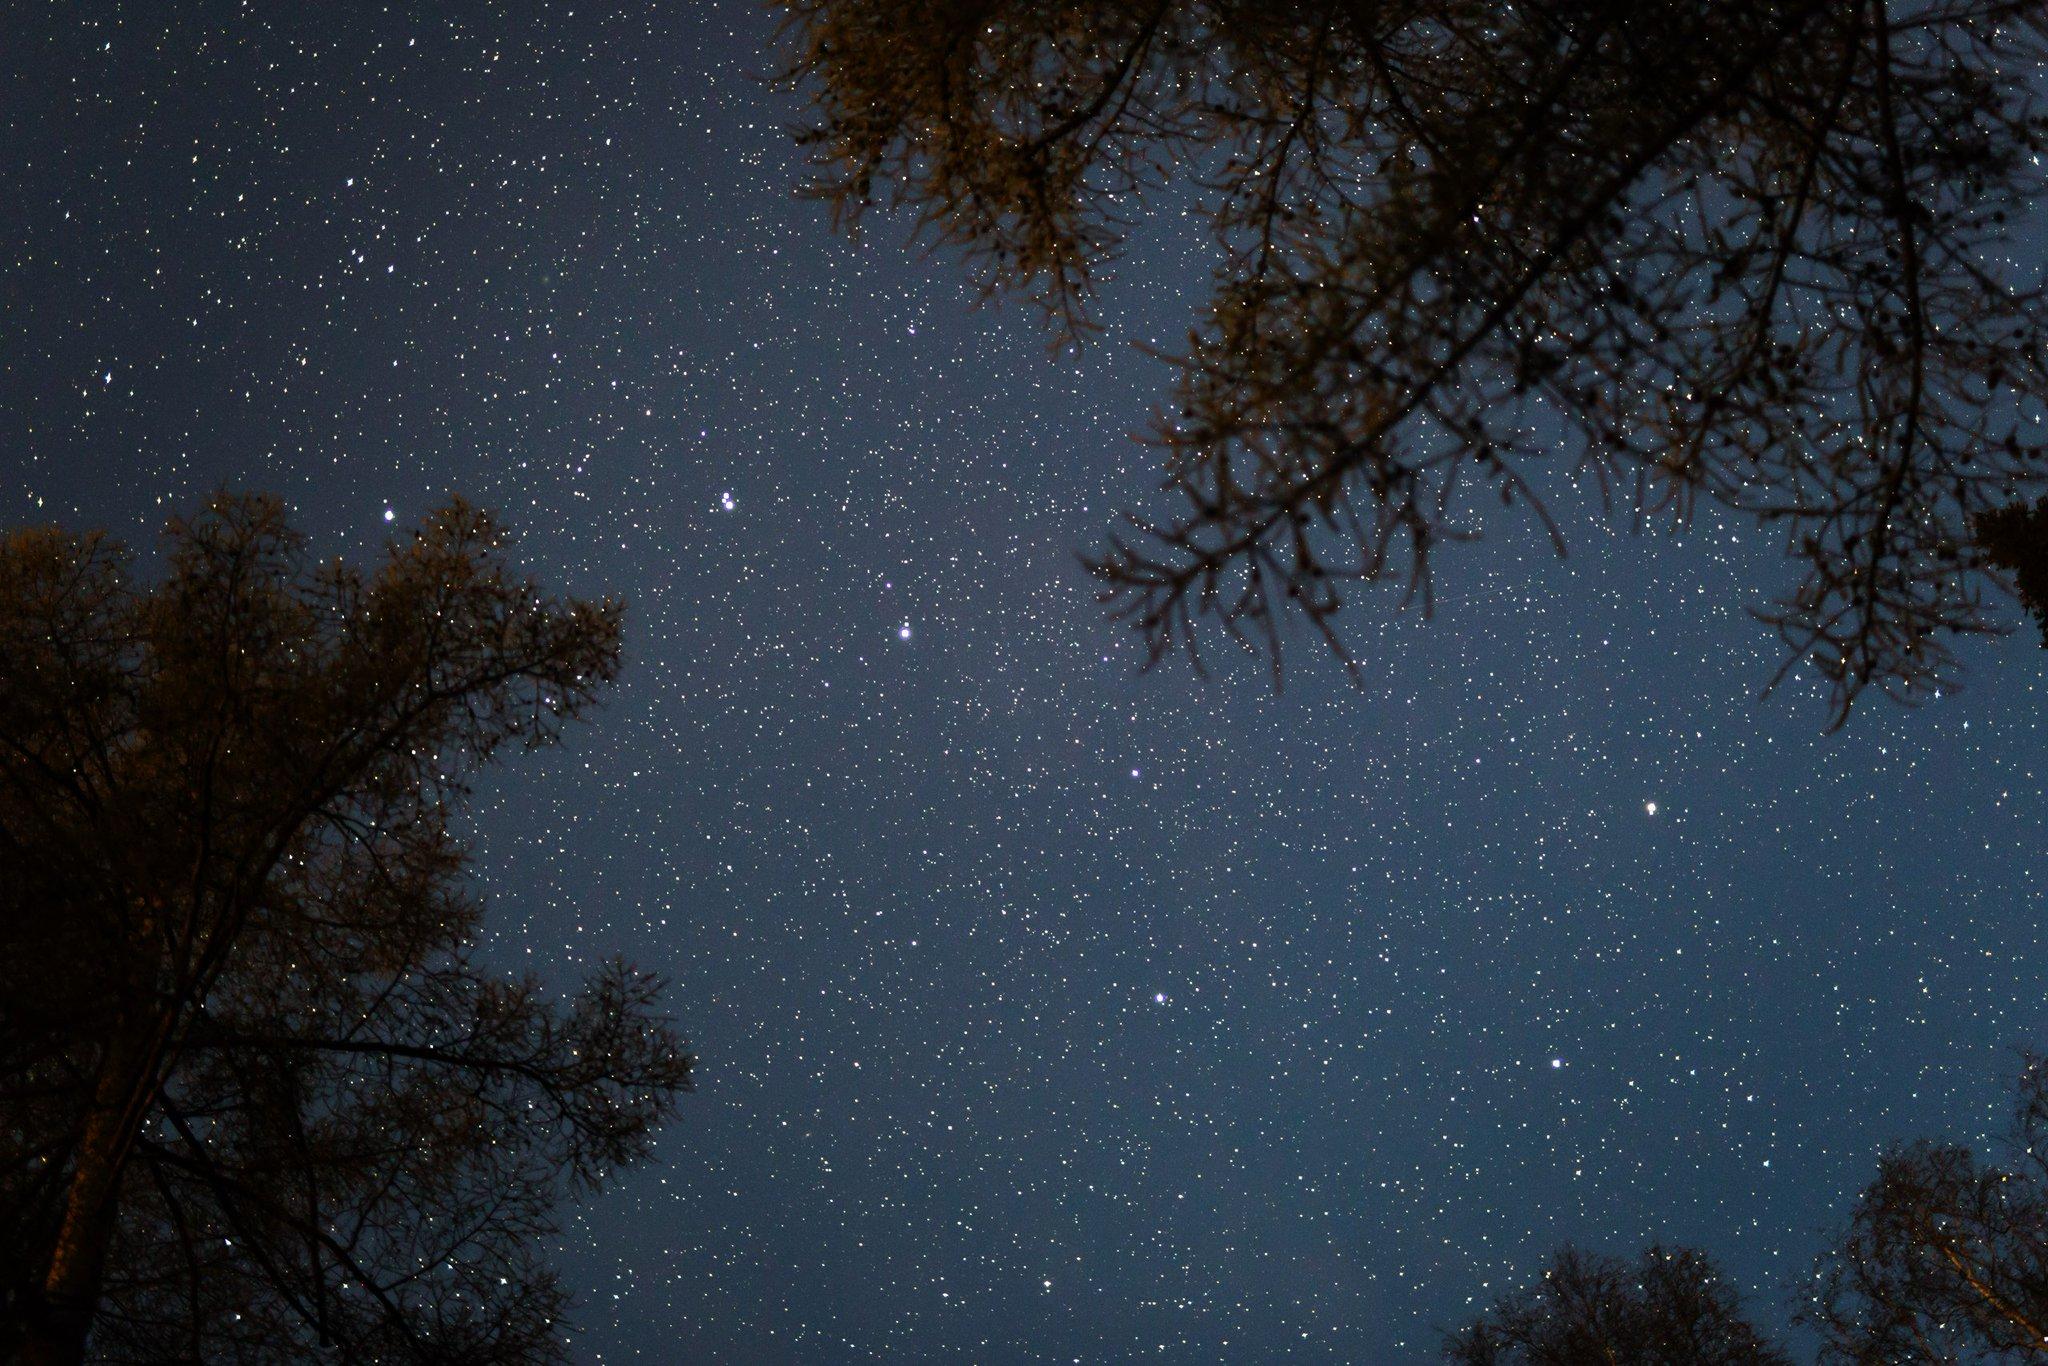 созвездие большой медведицы фото картинки нормальное что